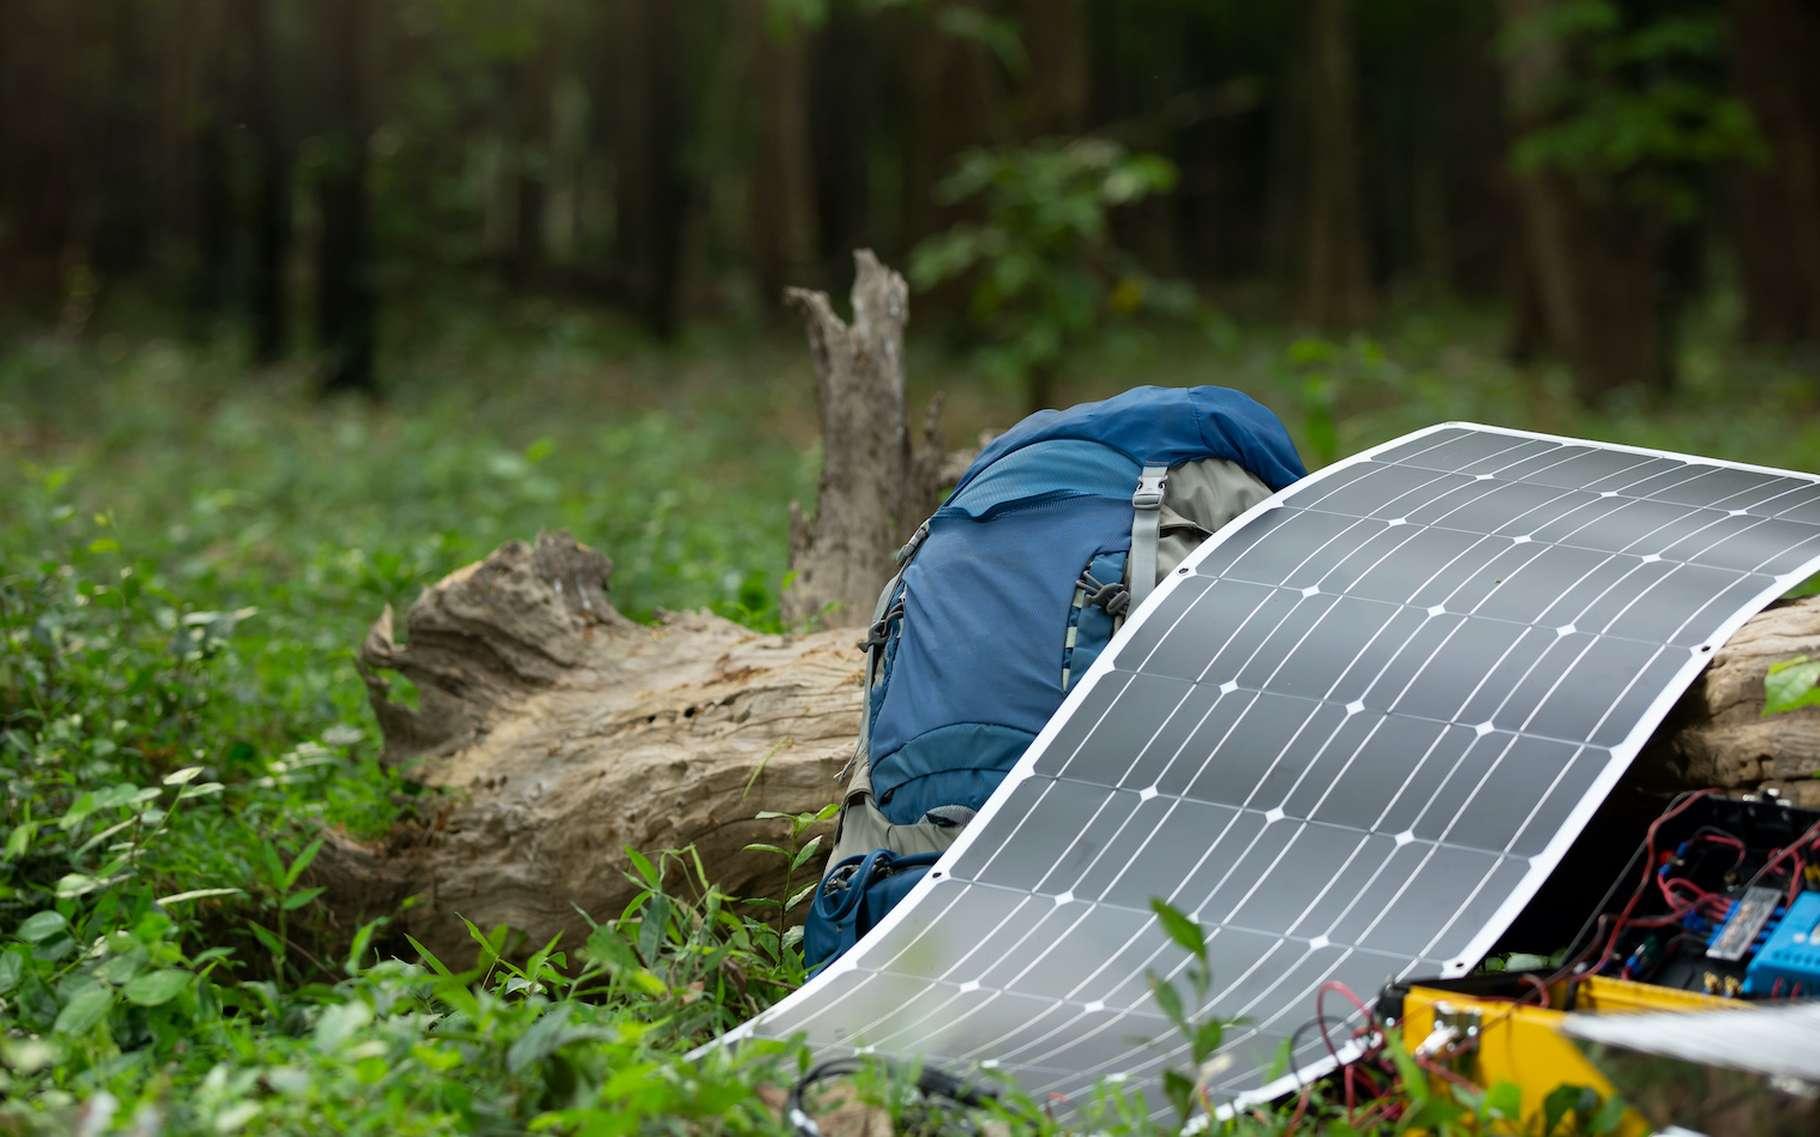 Le photovoltaïque organique permet d'envisager le développement de cellules solaires flexibles et à bas coût telles que celle figurée ici en illustration. © pentium5, Adobe Stock